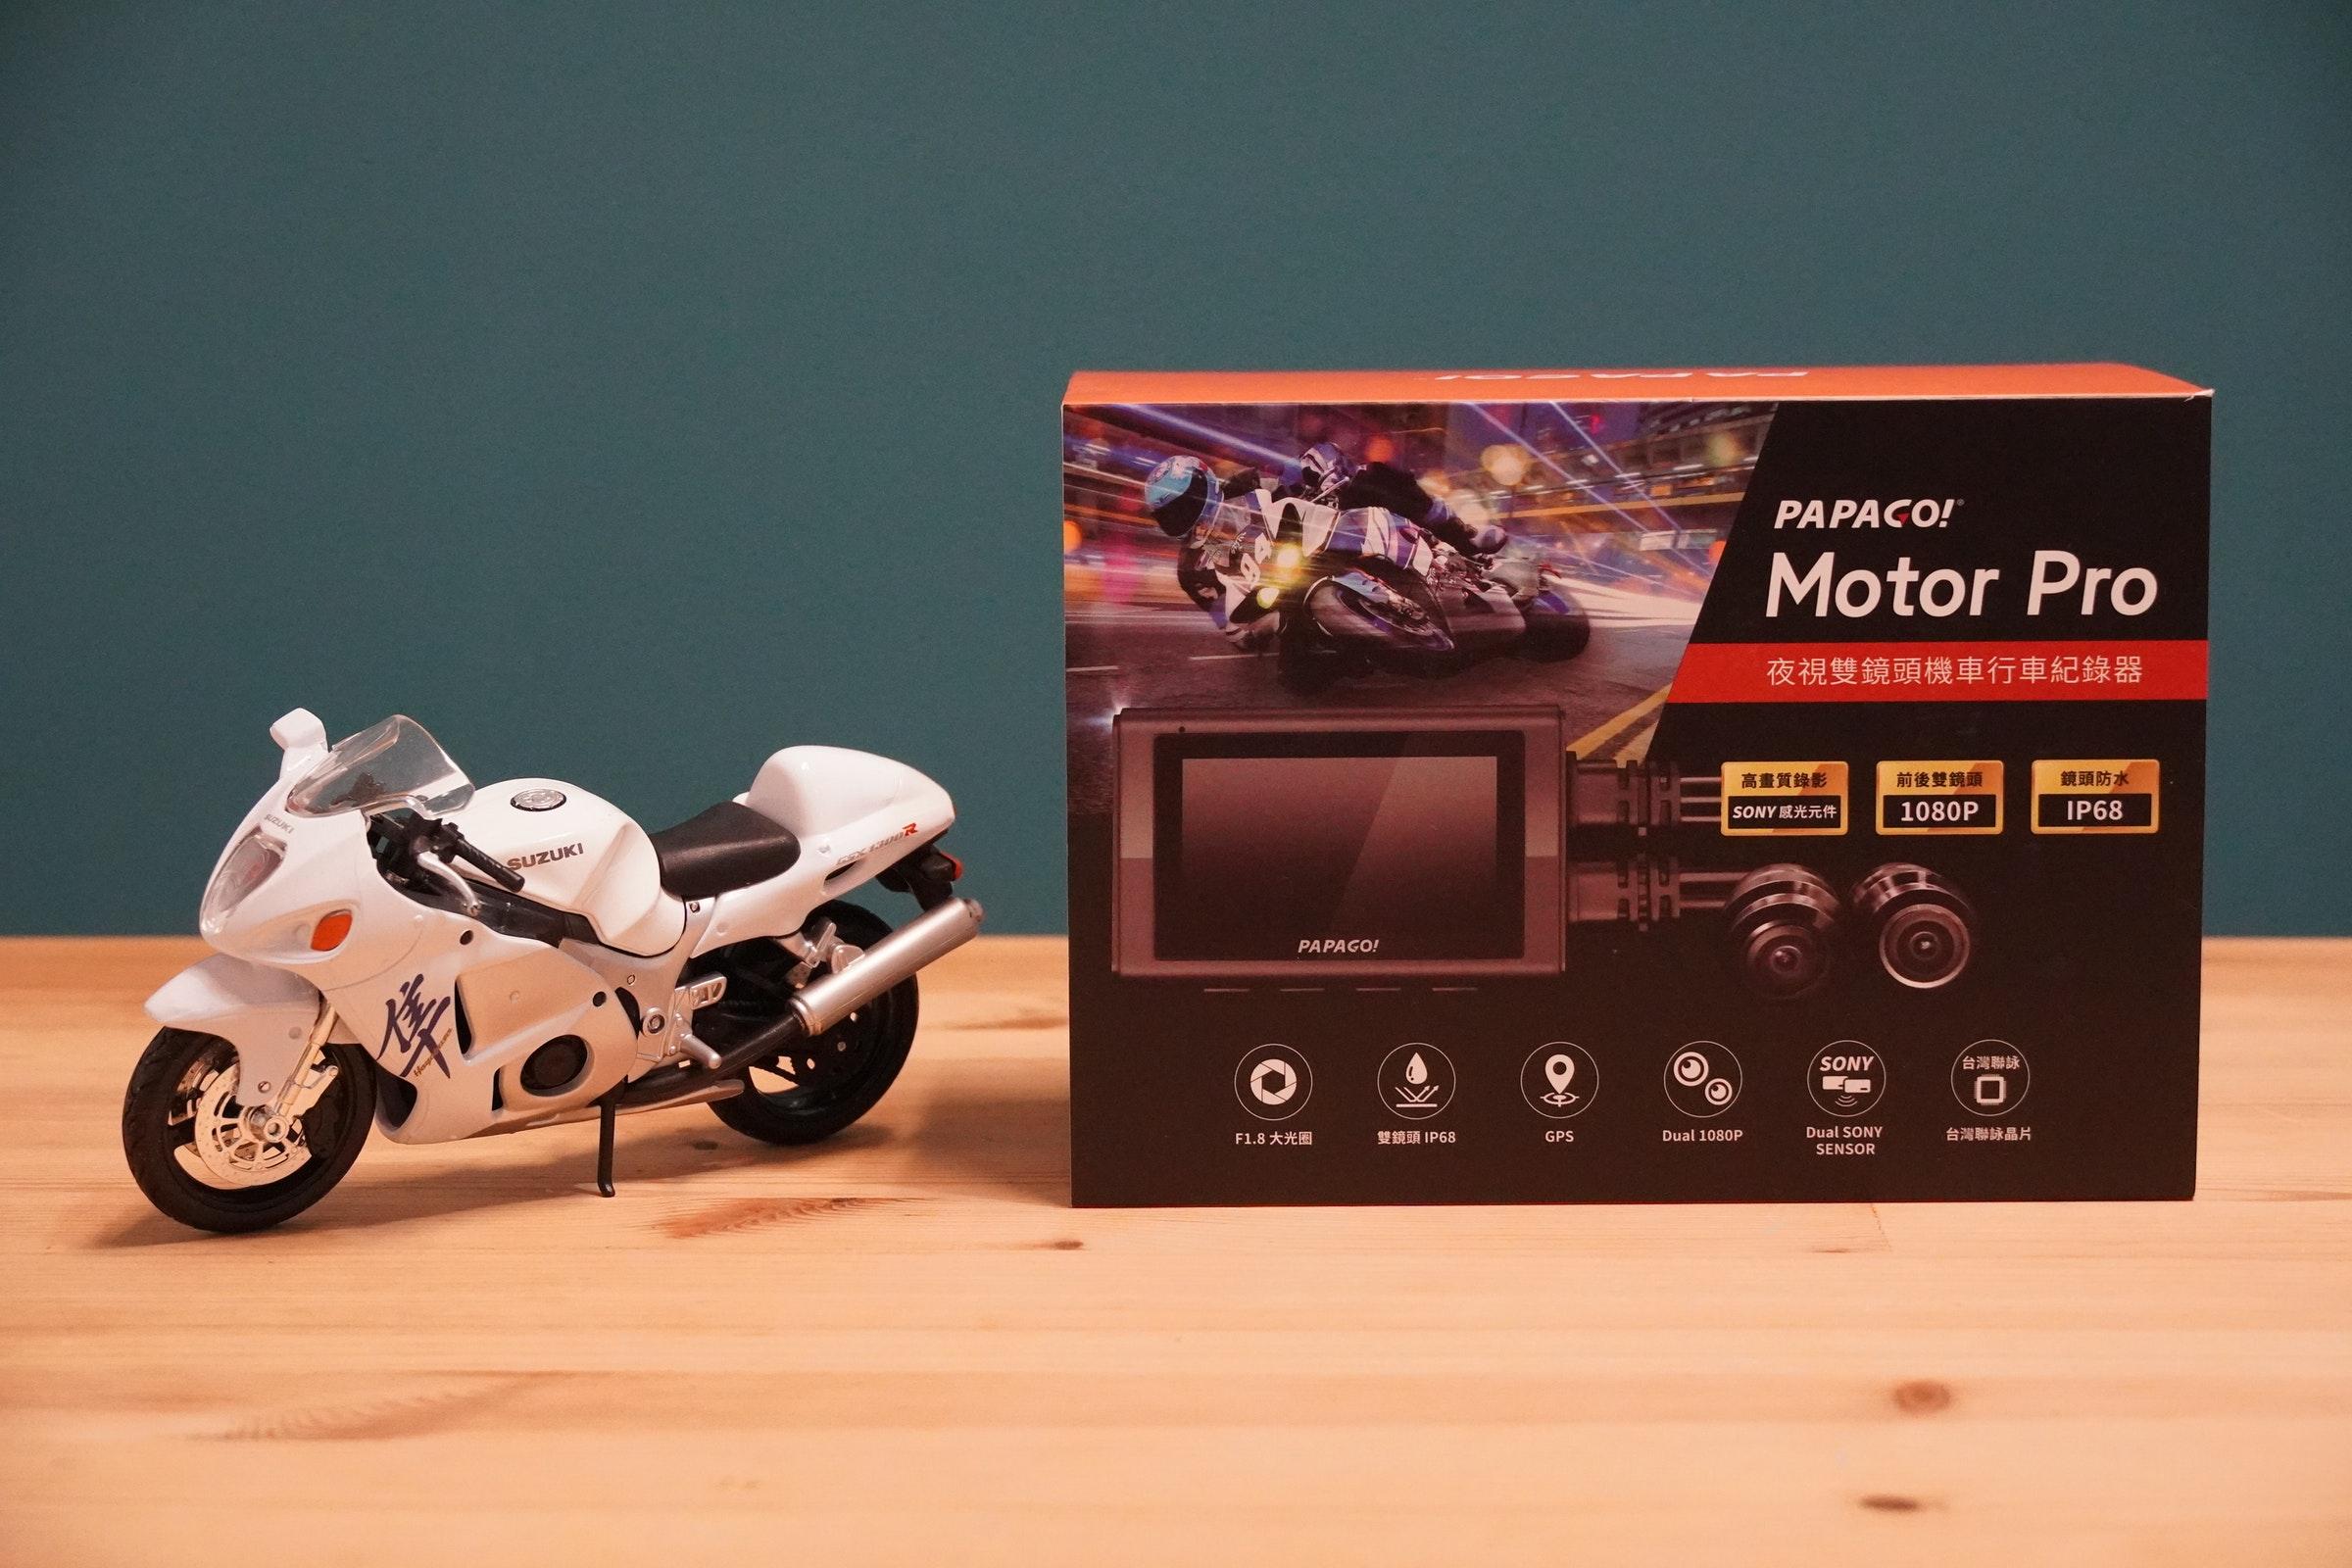 照片中提到了PAPACO!、Motor Pro、夜視雙鏡頭機車行車紀錄器,跟摩托羅拉解決方案、博維(Bovet Fleurier)有關,包含了摩托車、摩托車、摩托車、汽車設計、牌